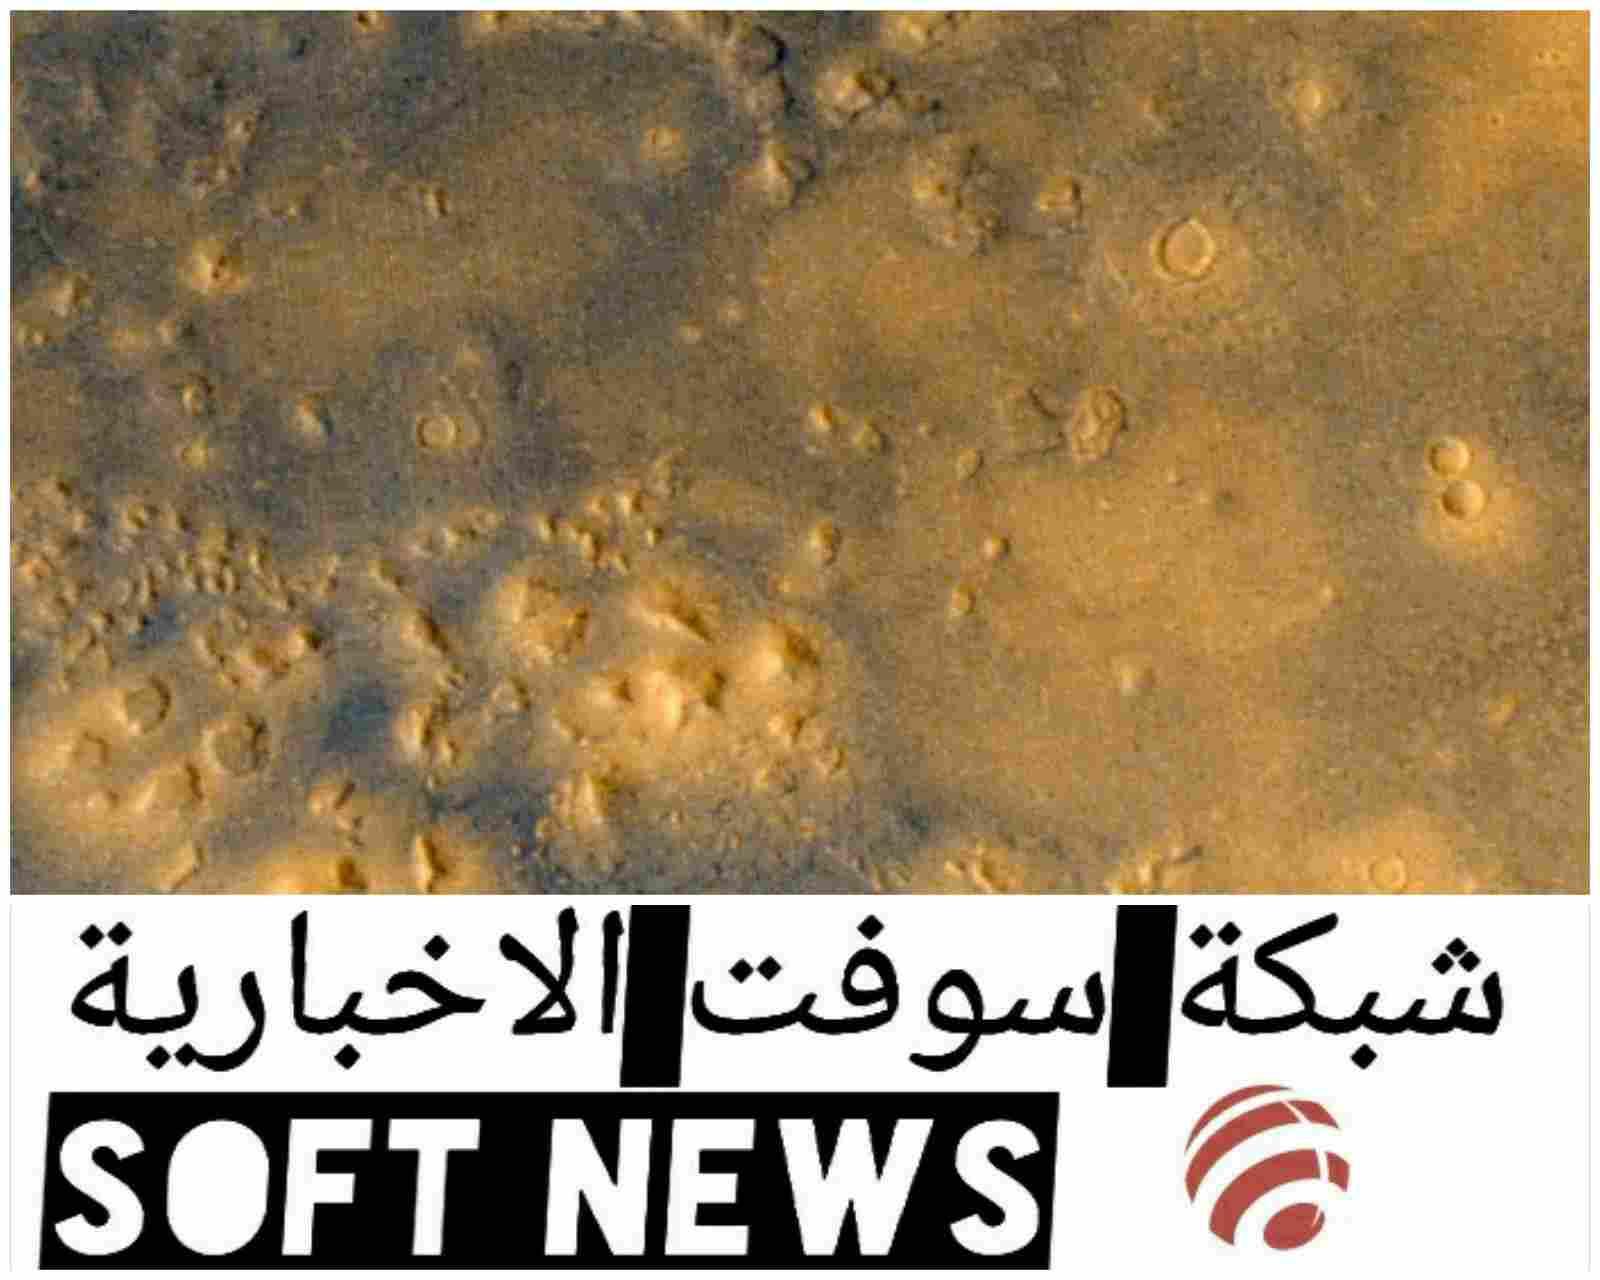 مسبار الأمل: الإمارات تترقب وصول رحلتها الفضائية إلى المريخ